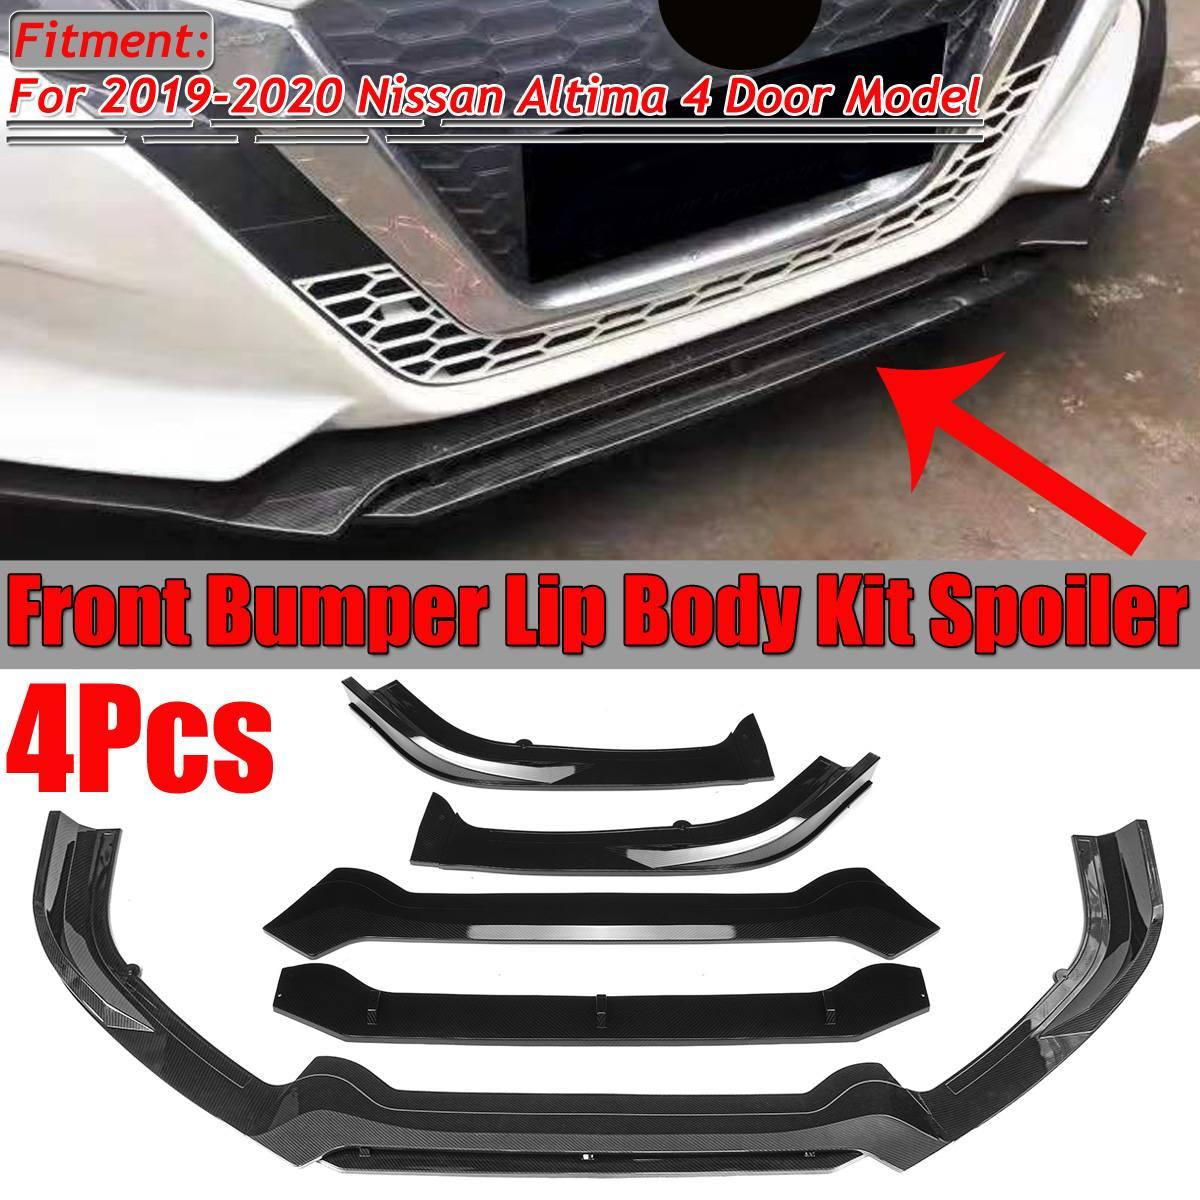 Um conjunto de fibra carbono olhar/preto carro amortecedor dianteiro splitter lábio corpo kit spoiler difusor protetor para nissan altima 2019 2020